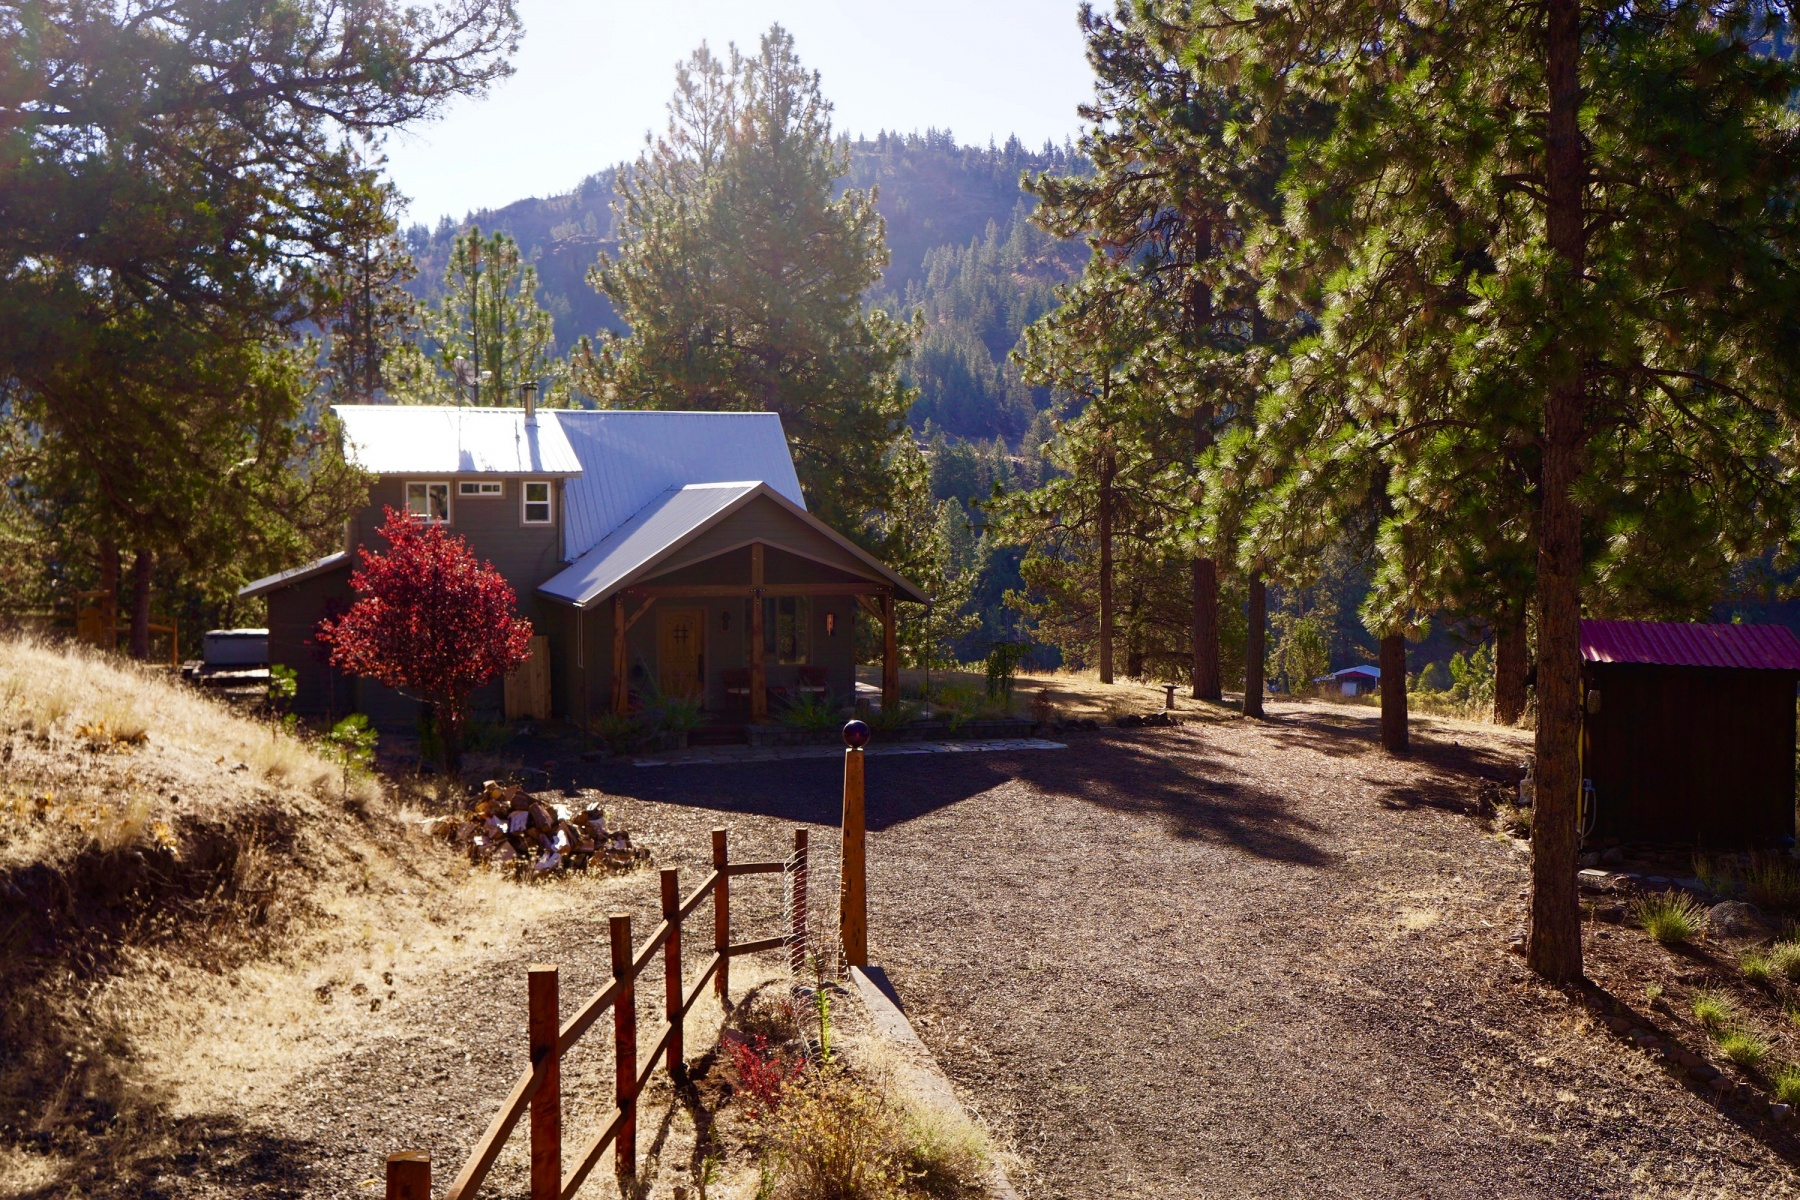 独户住宅 为 销售 在 5191 NE McKay Creek Road, PRINEVILLE 5191 NE McKay Creek Rd 普林维尔, 俄勒冈州, 97754 美国